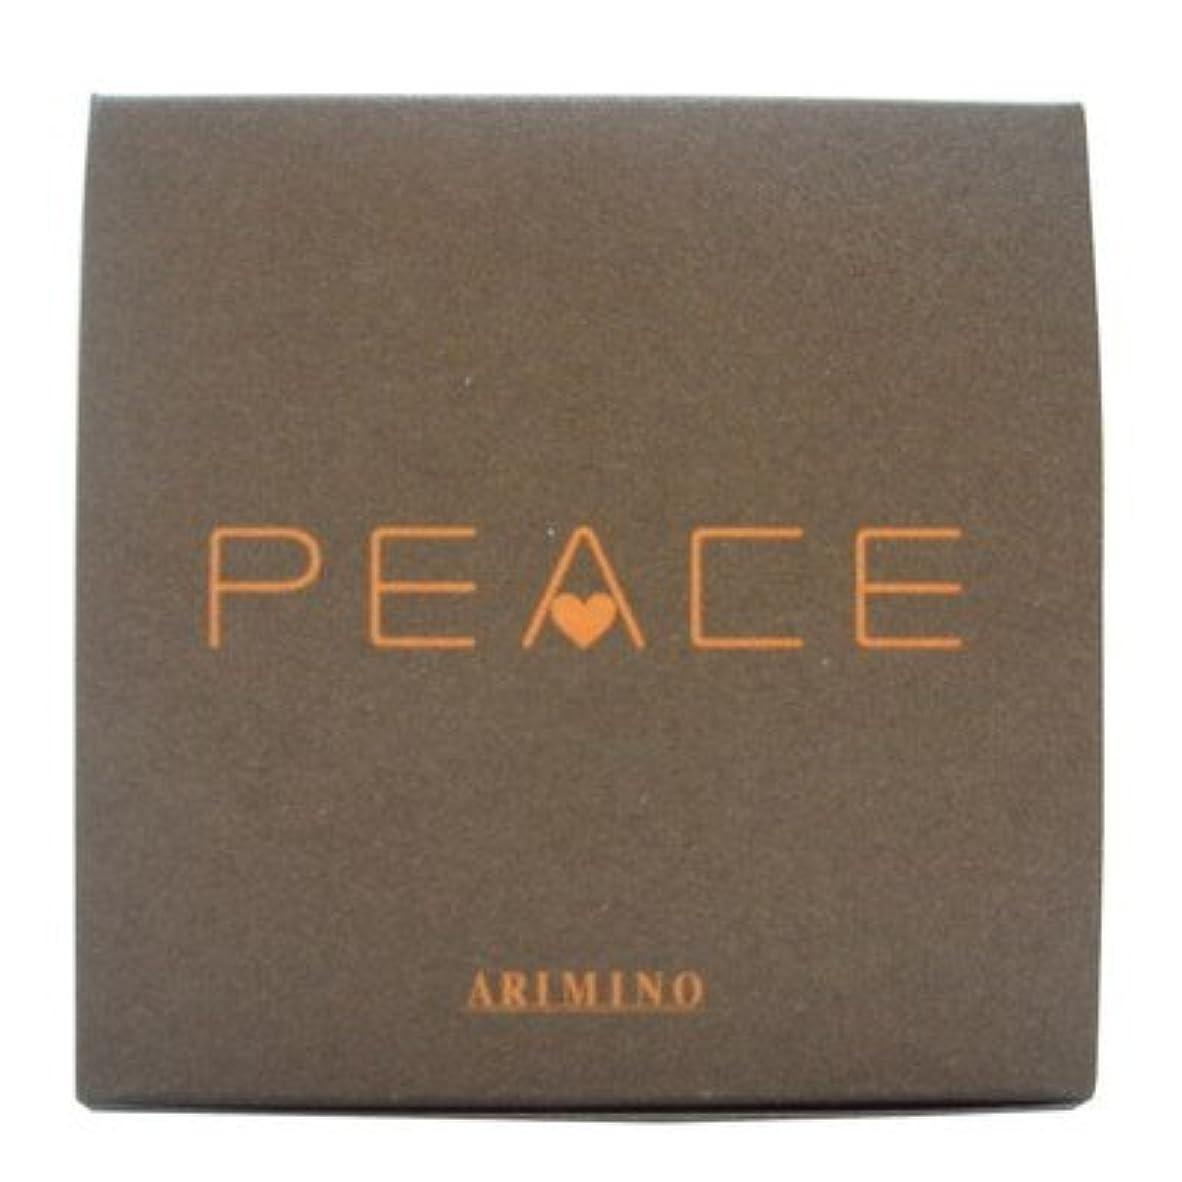 シート検索エンジンマーケティング活性化アリミノ ピース プロデザインシリーズ ソフトワックス カフェオレ 40g【2個セット】